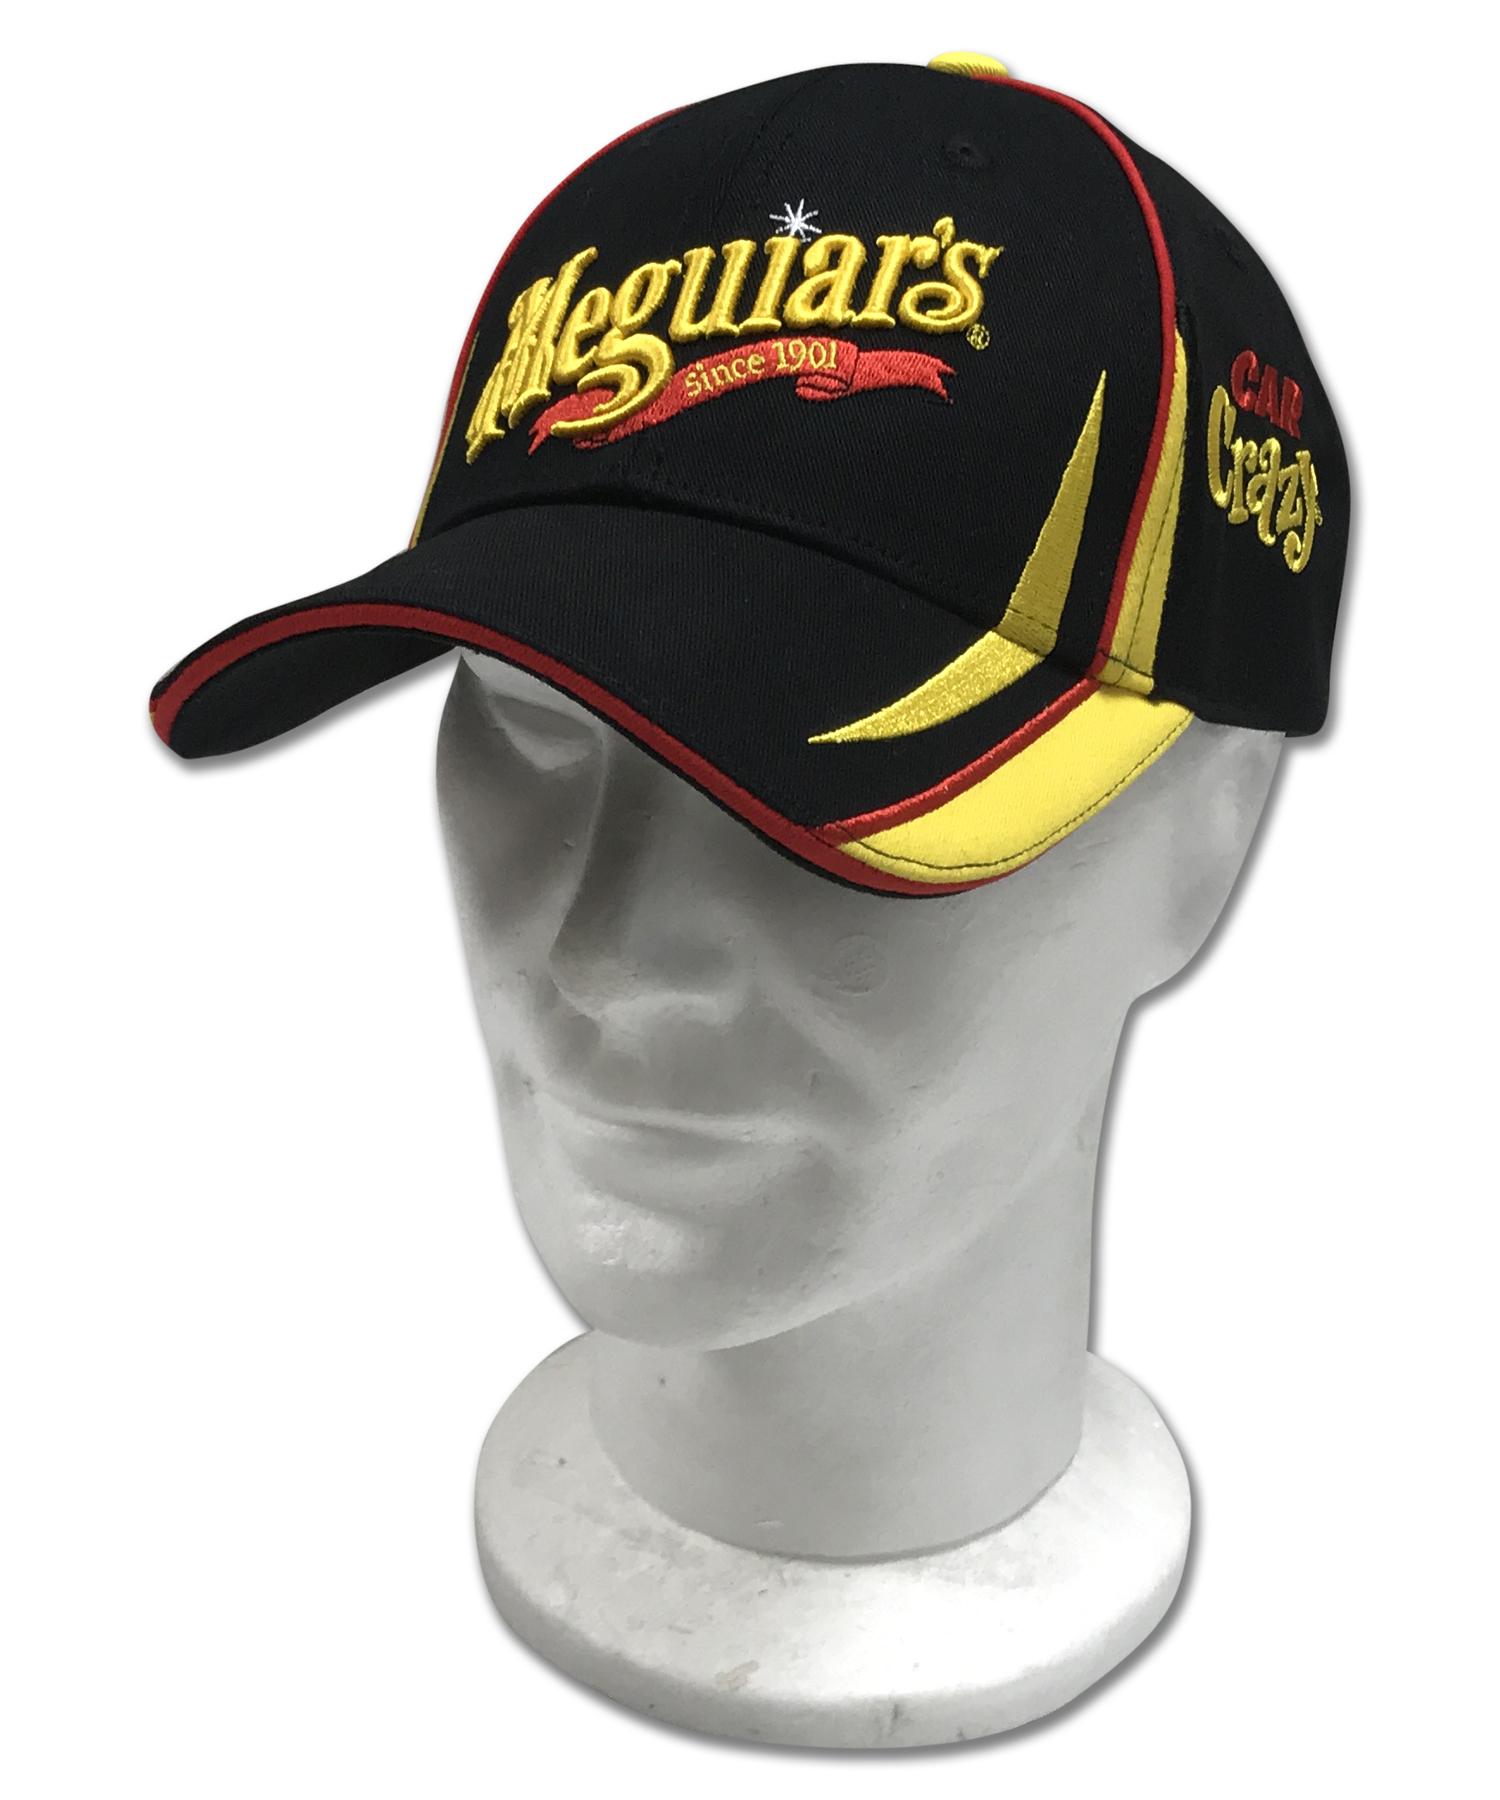 ABD MEGUIAR'S CAP